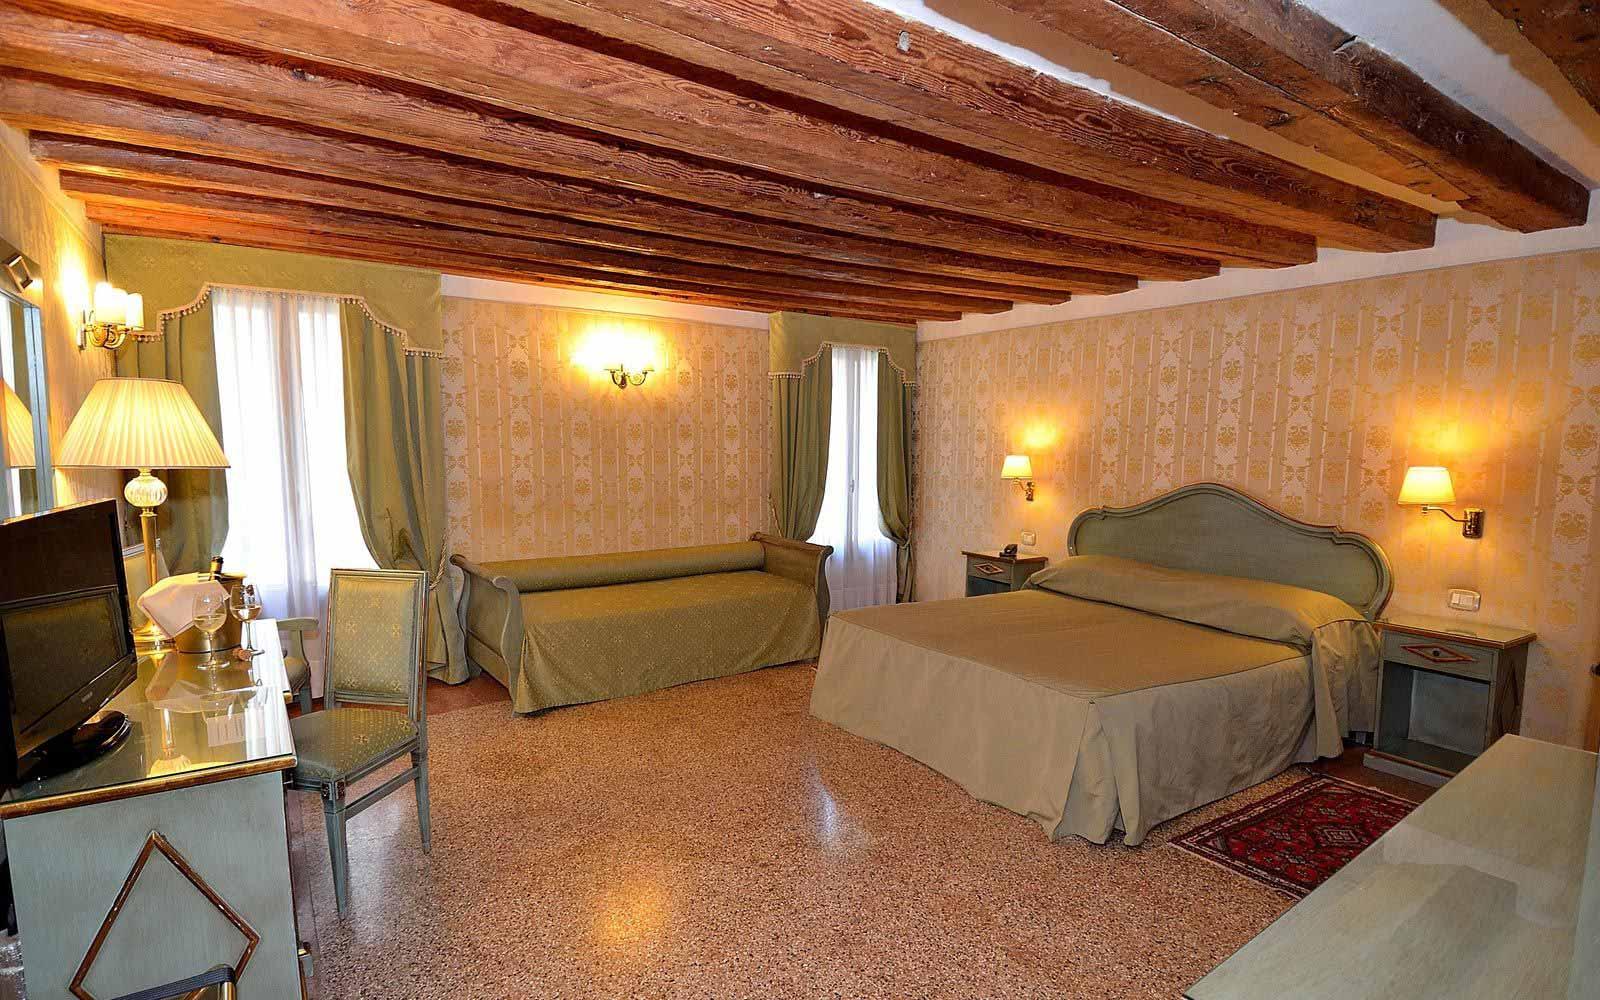 La Corte junior suite at Hotel Locanda La Corte